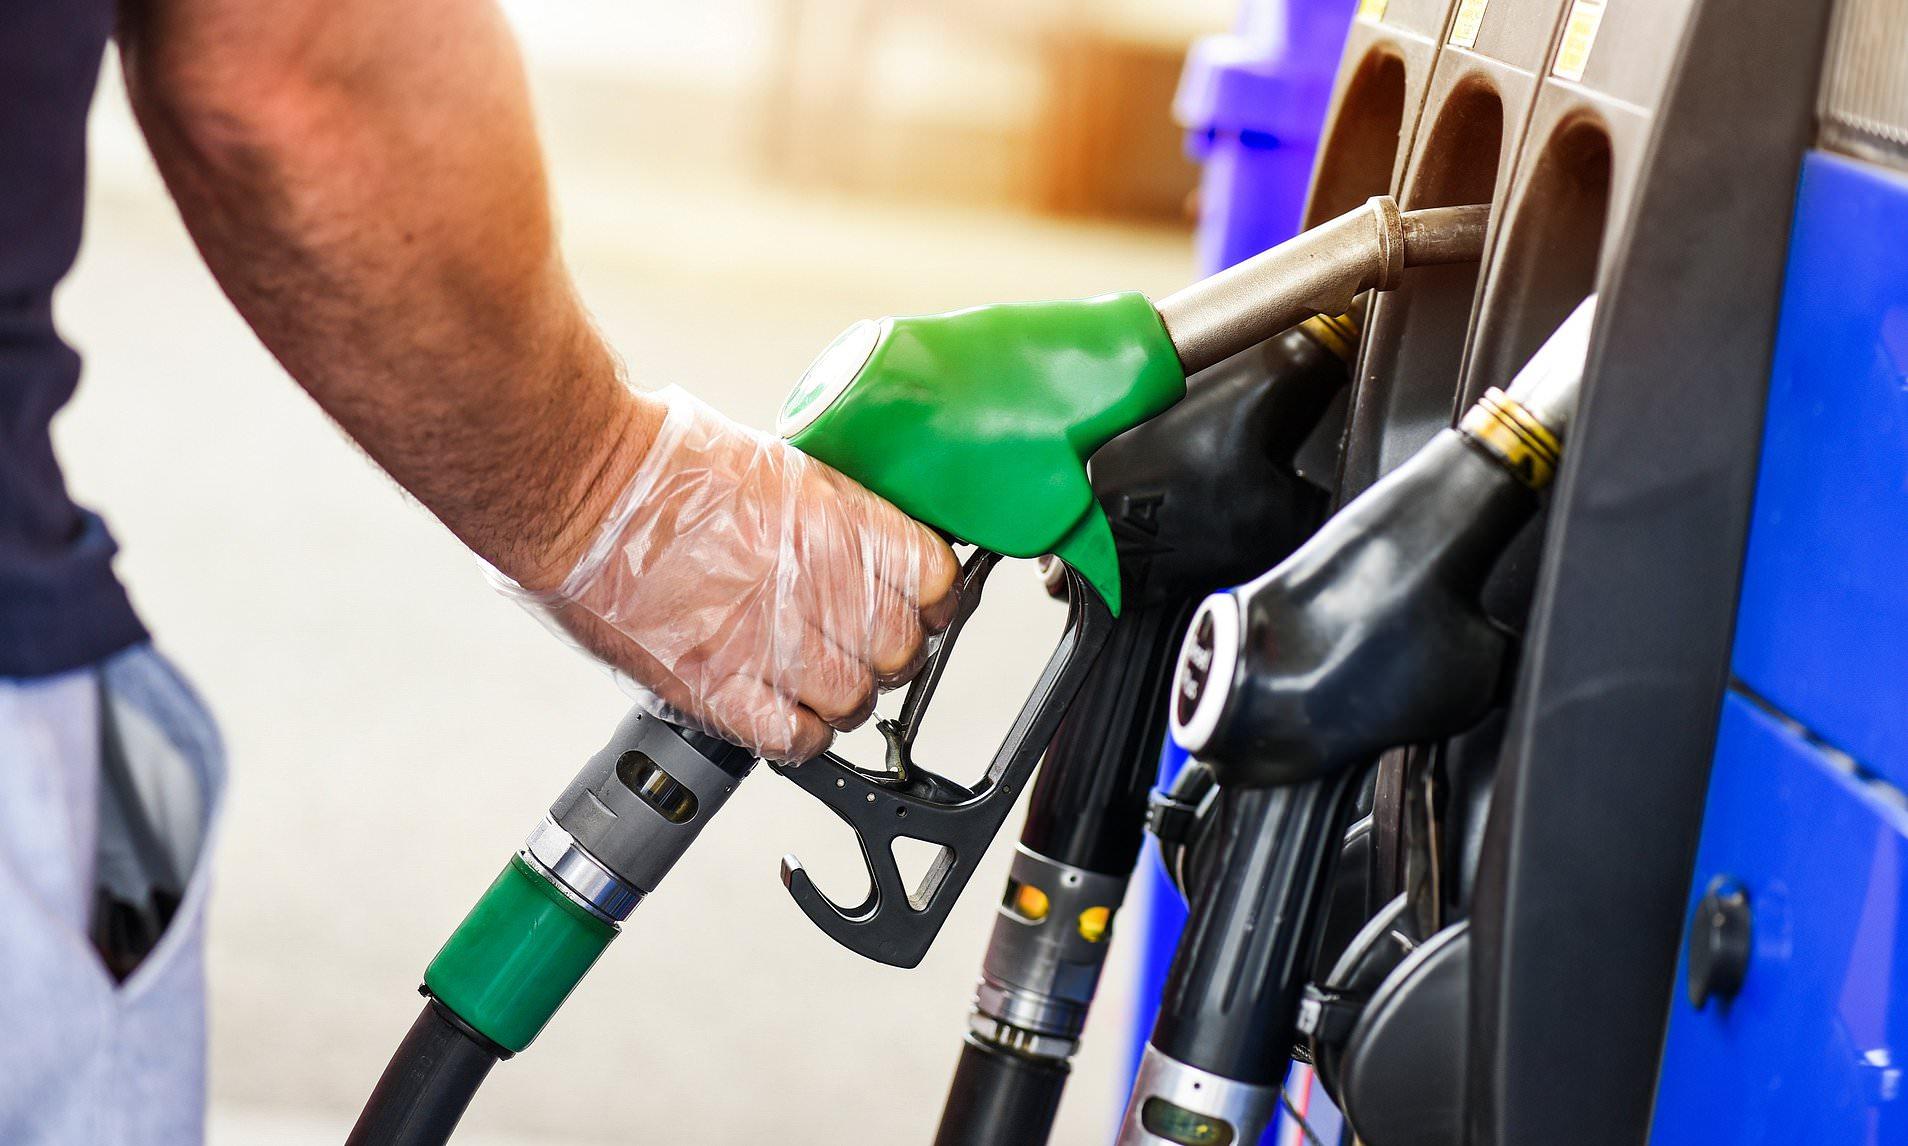 Giá xăng dầu hôm nay 17/8: Tăng trở lại sau khi giảm sâu vào phiên trước